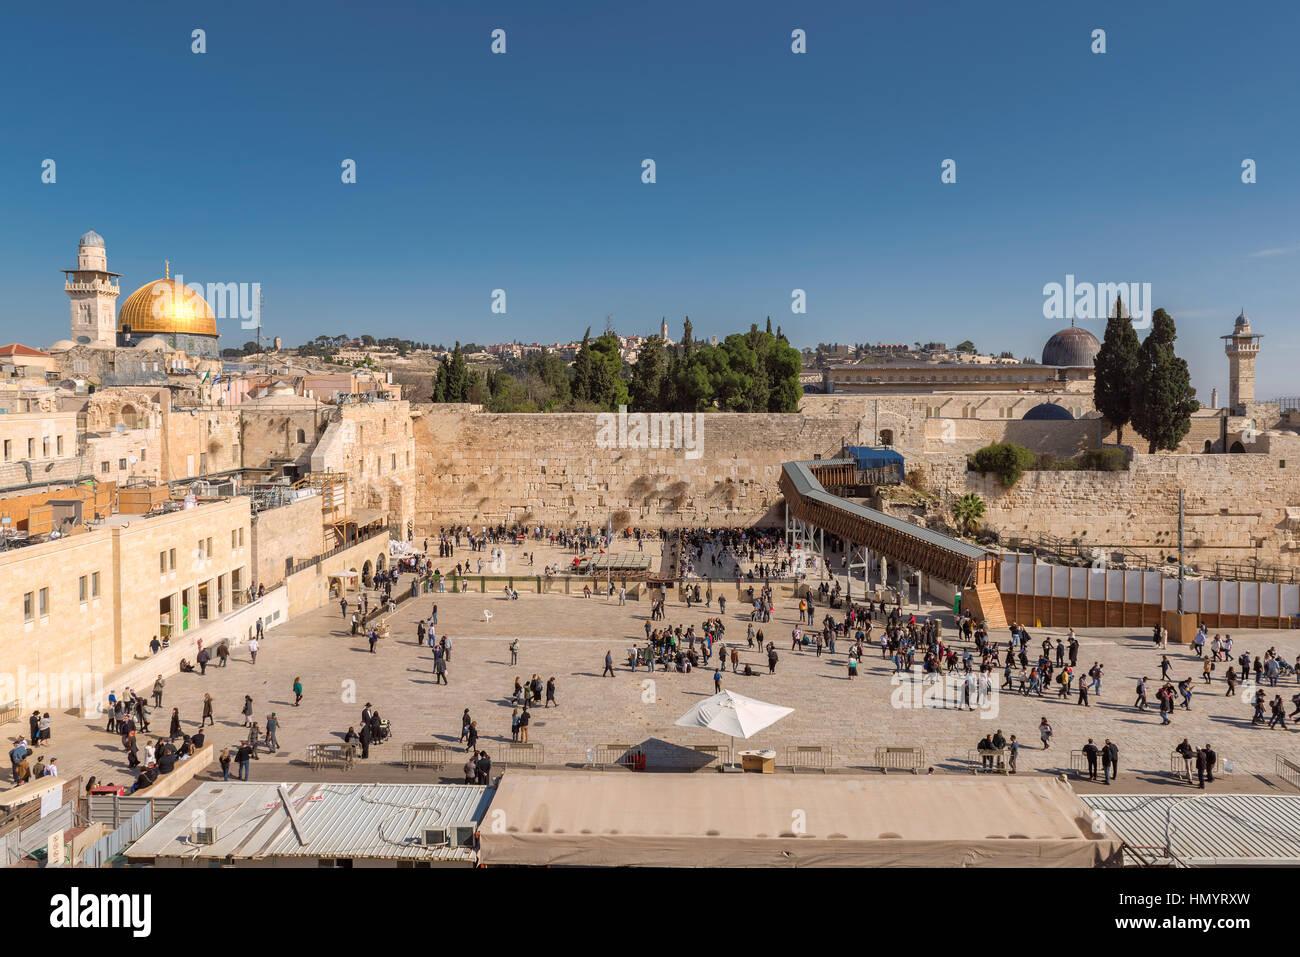 Mur des lamentations et Dôme du rocher d'or sur le mont du Temple, Jérusalem, Israël. Photo Stock